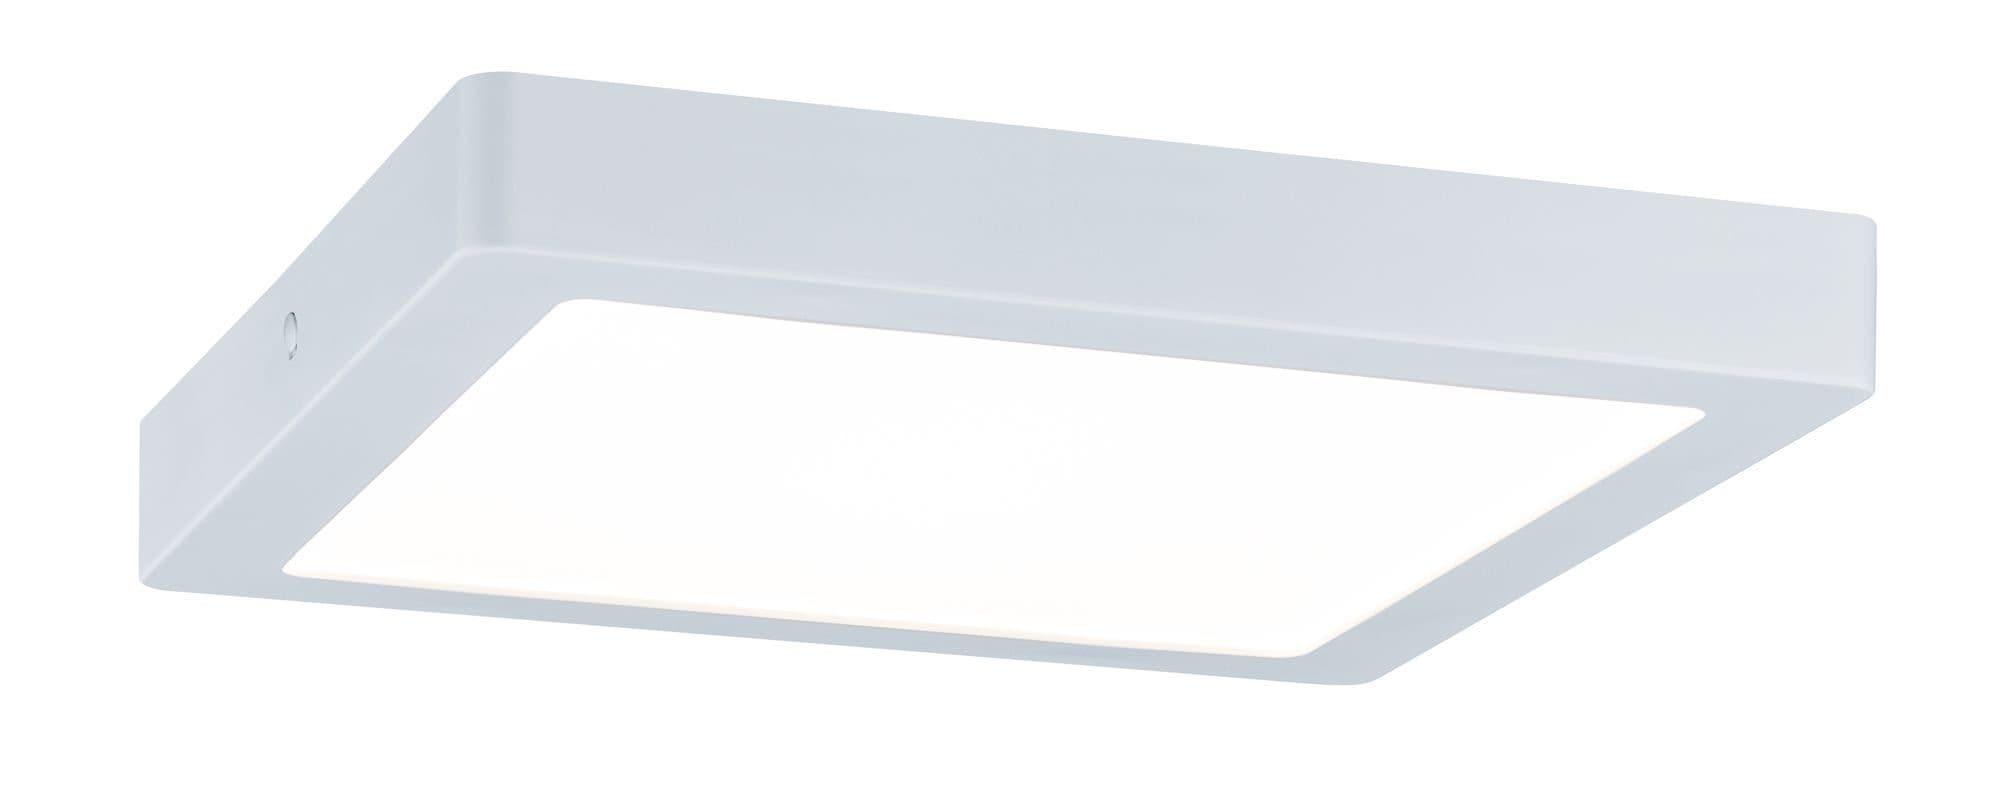 Paulmann,LED Deckenleuchte Abia Panel eckig 22W Weiß Kunststoff